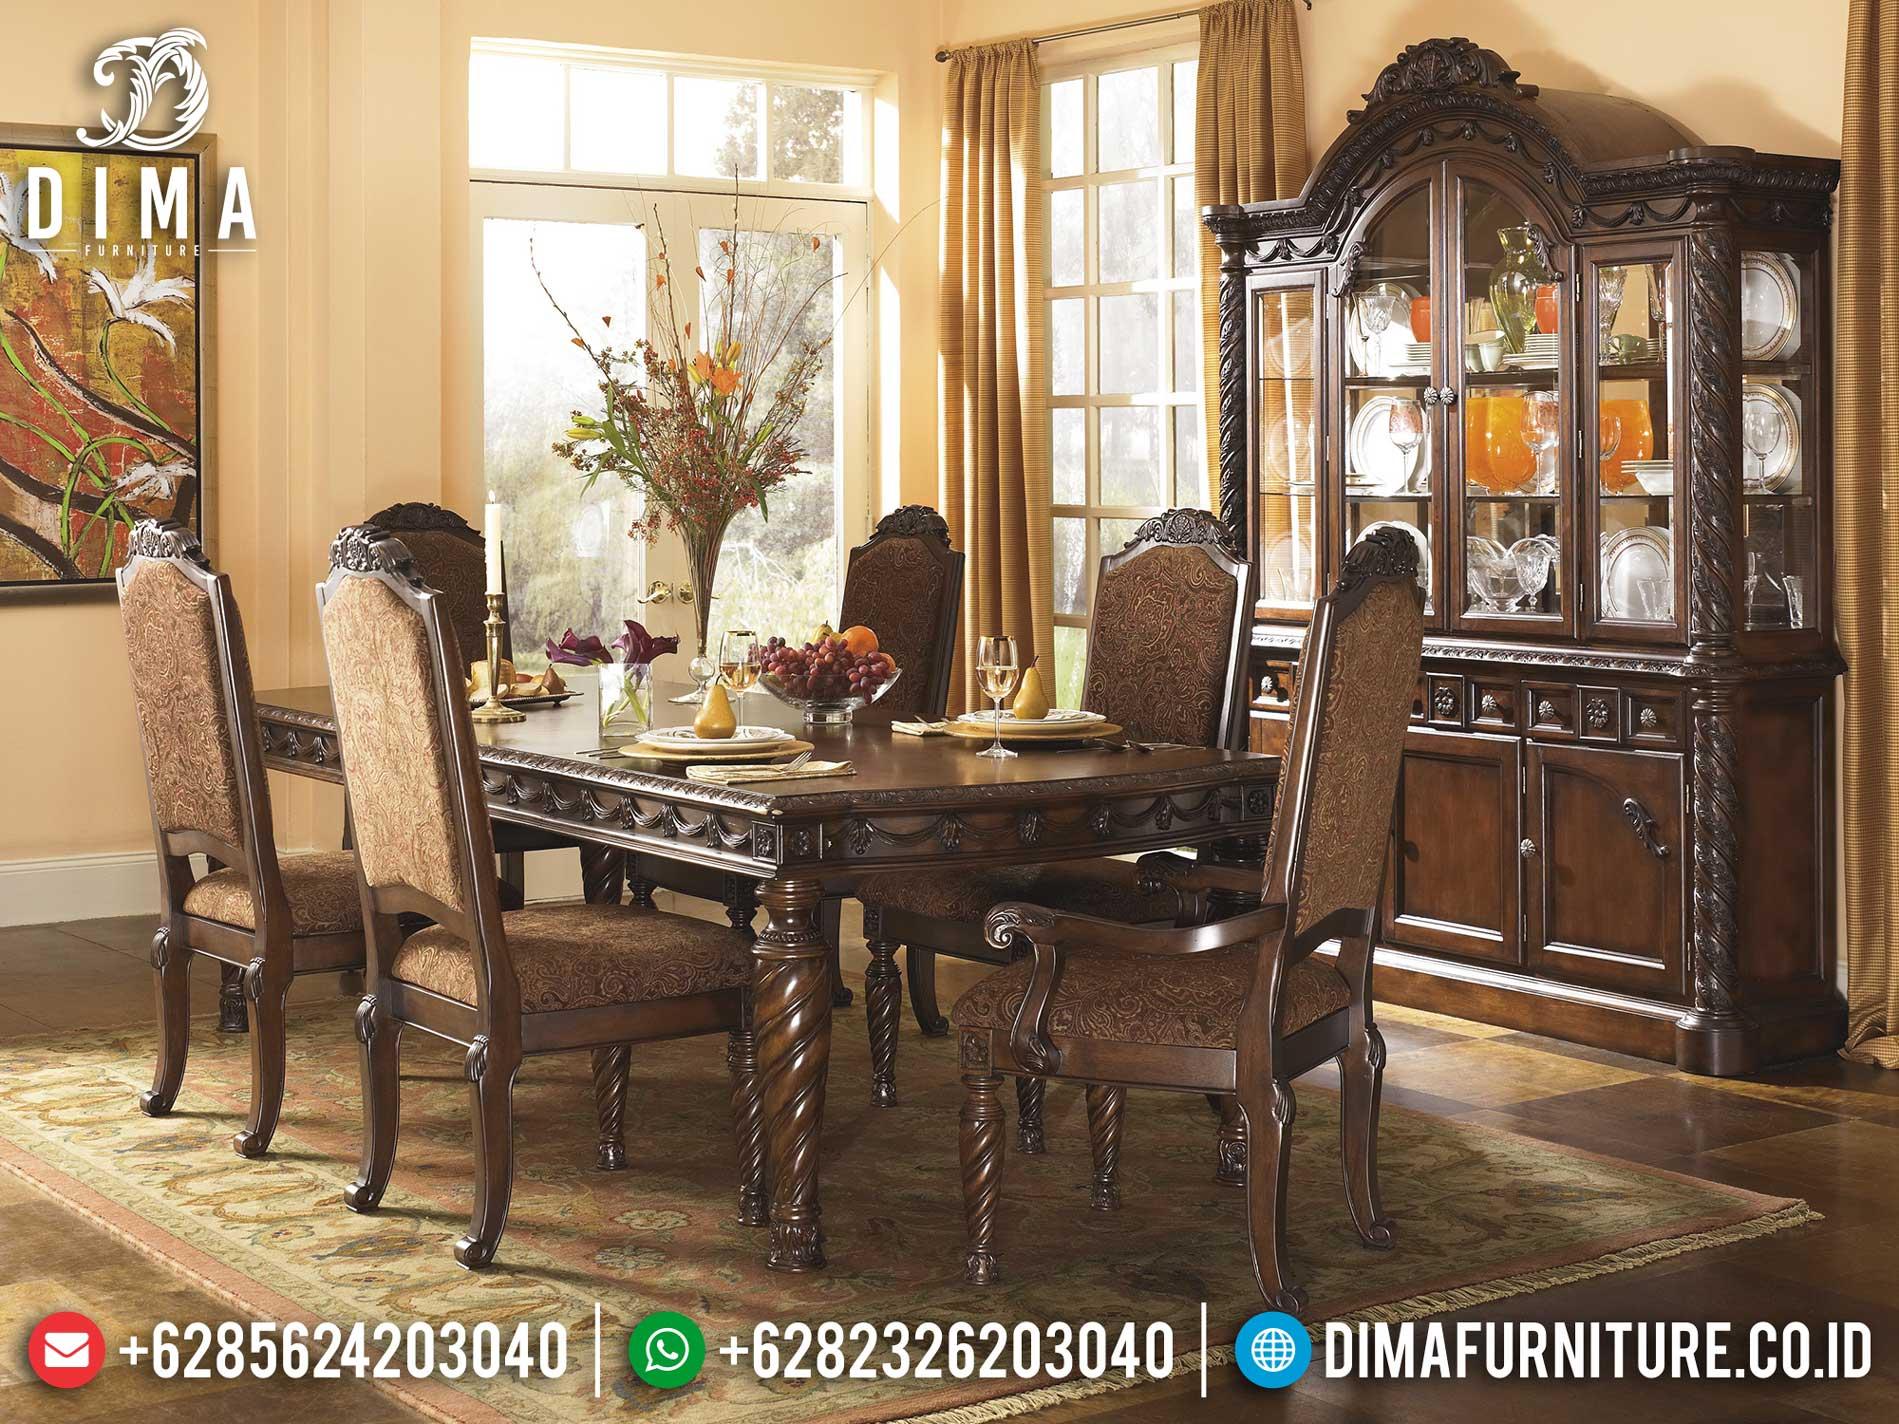 Jual Meja Makan Minimalis Jati Natural Classic Furniture Jepara Luxury TTJ-1311